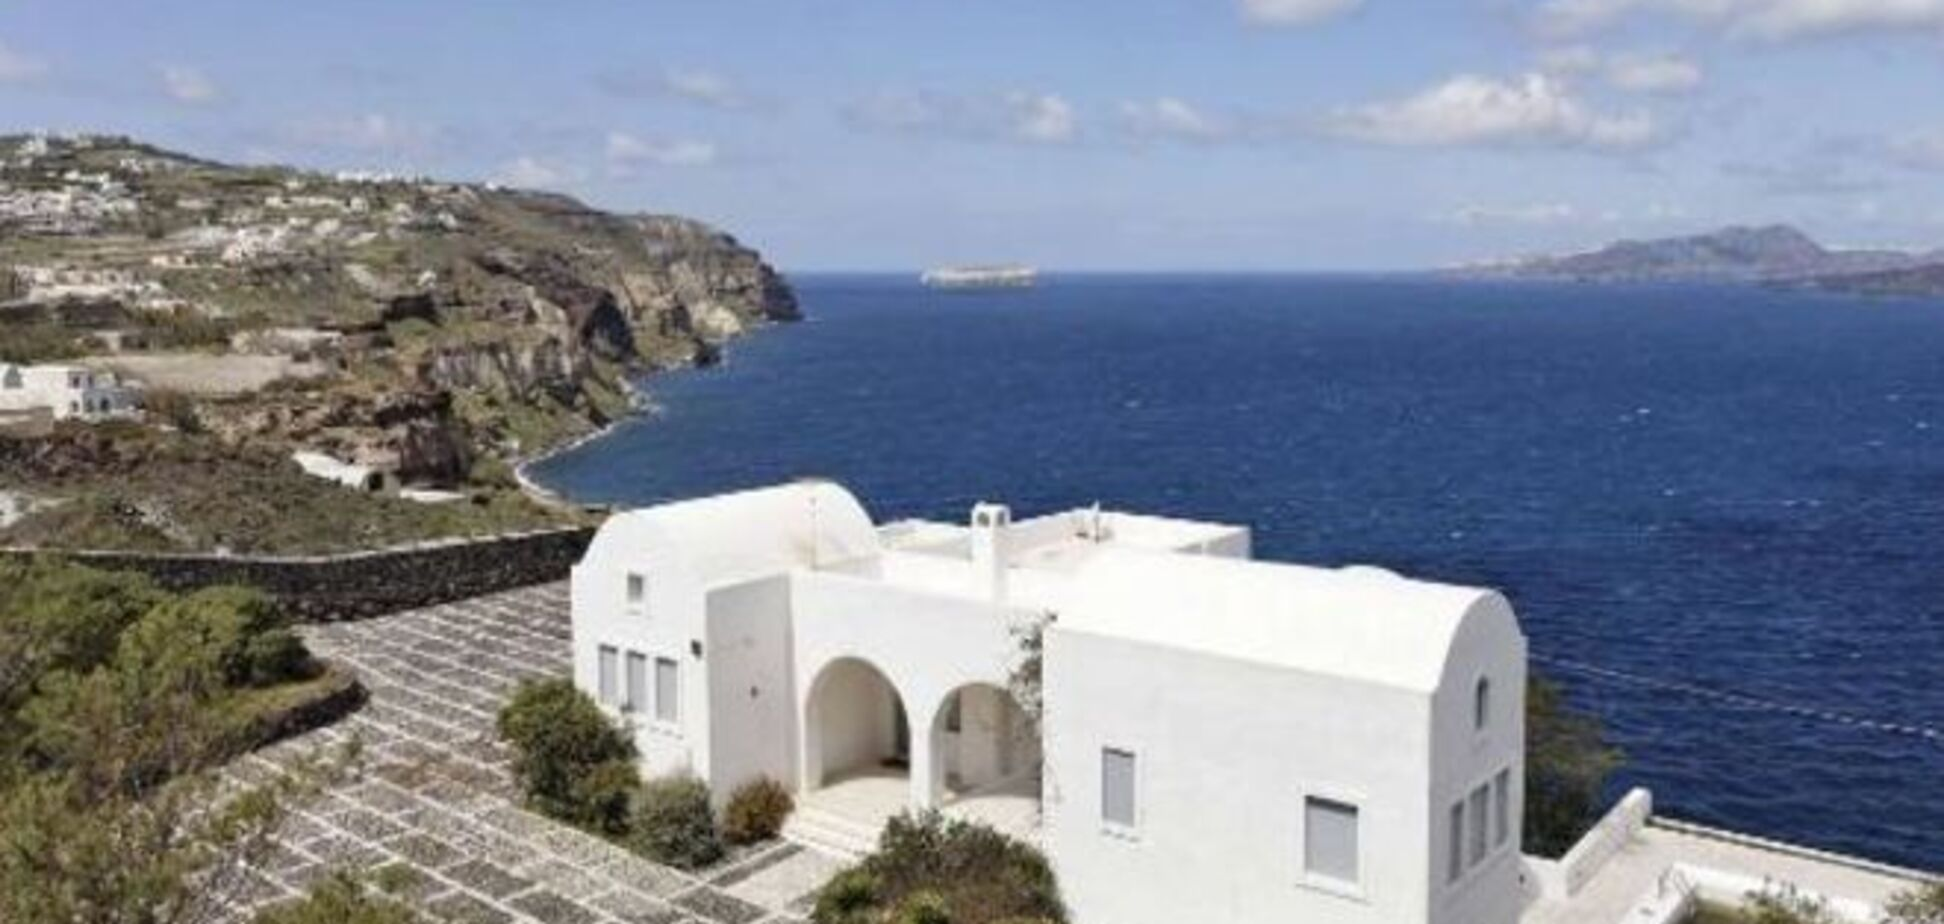 Подсуетились: россияне ринулись в Грецию скупать элитную недвижимость